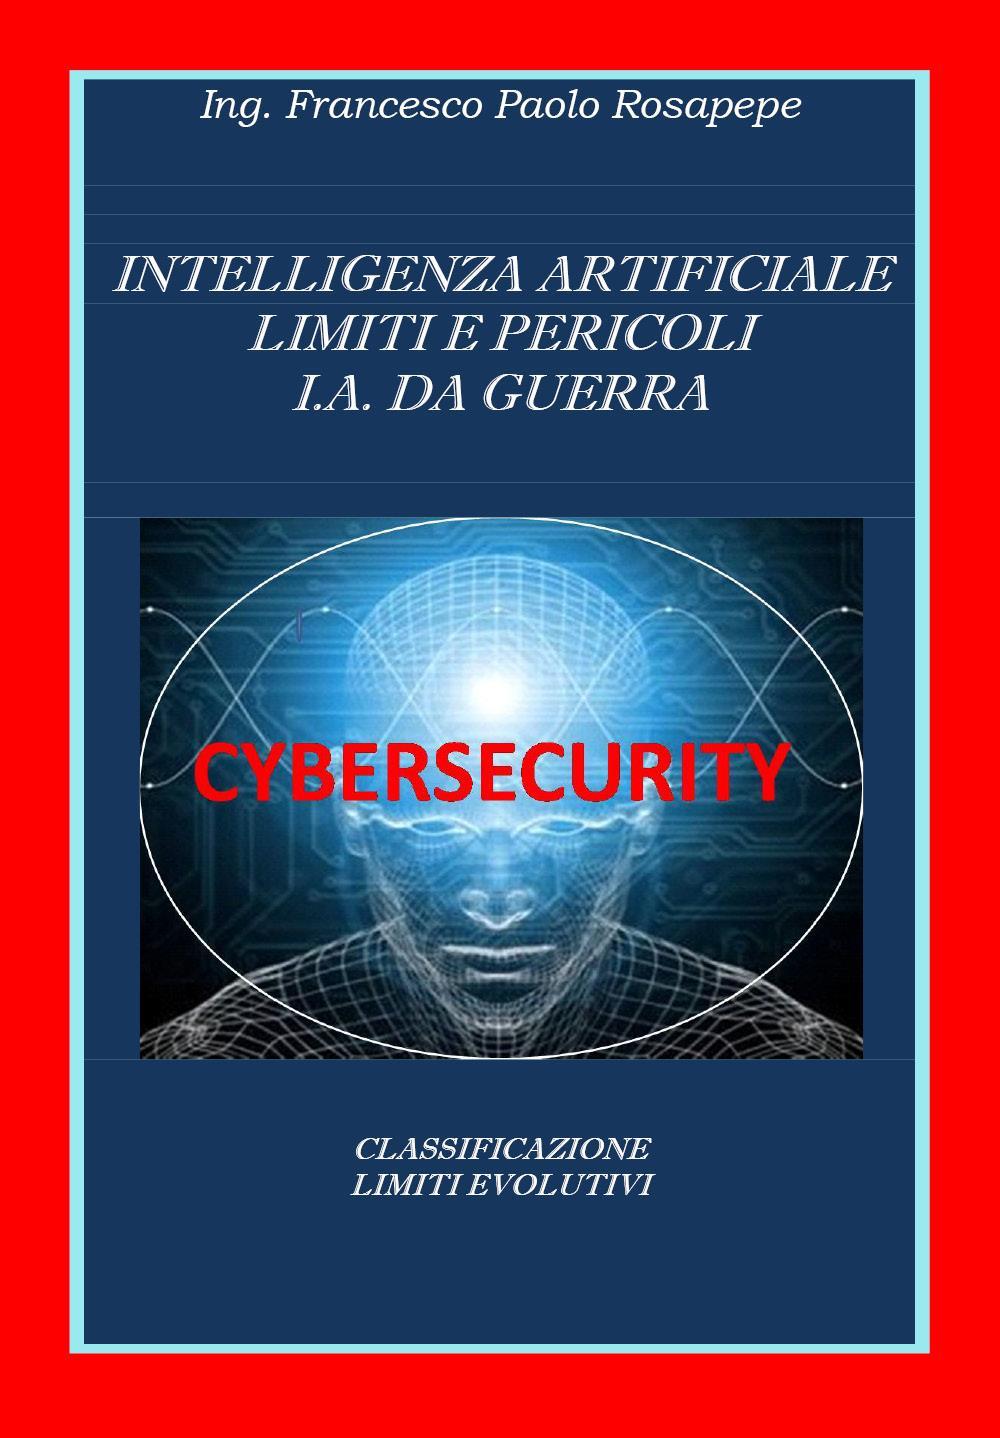 Intelligenza Artificiale Limiti e Pericoli I. A. da guerra